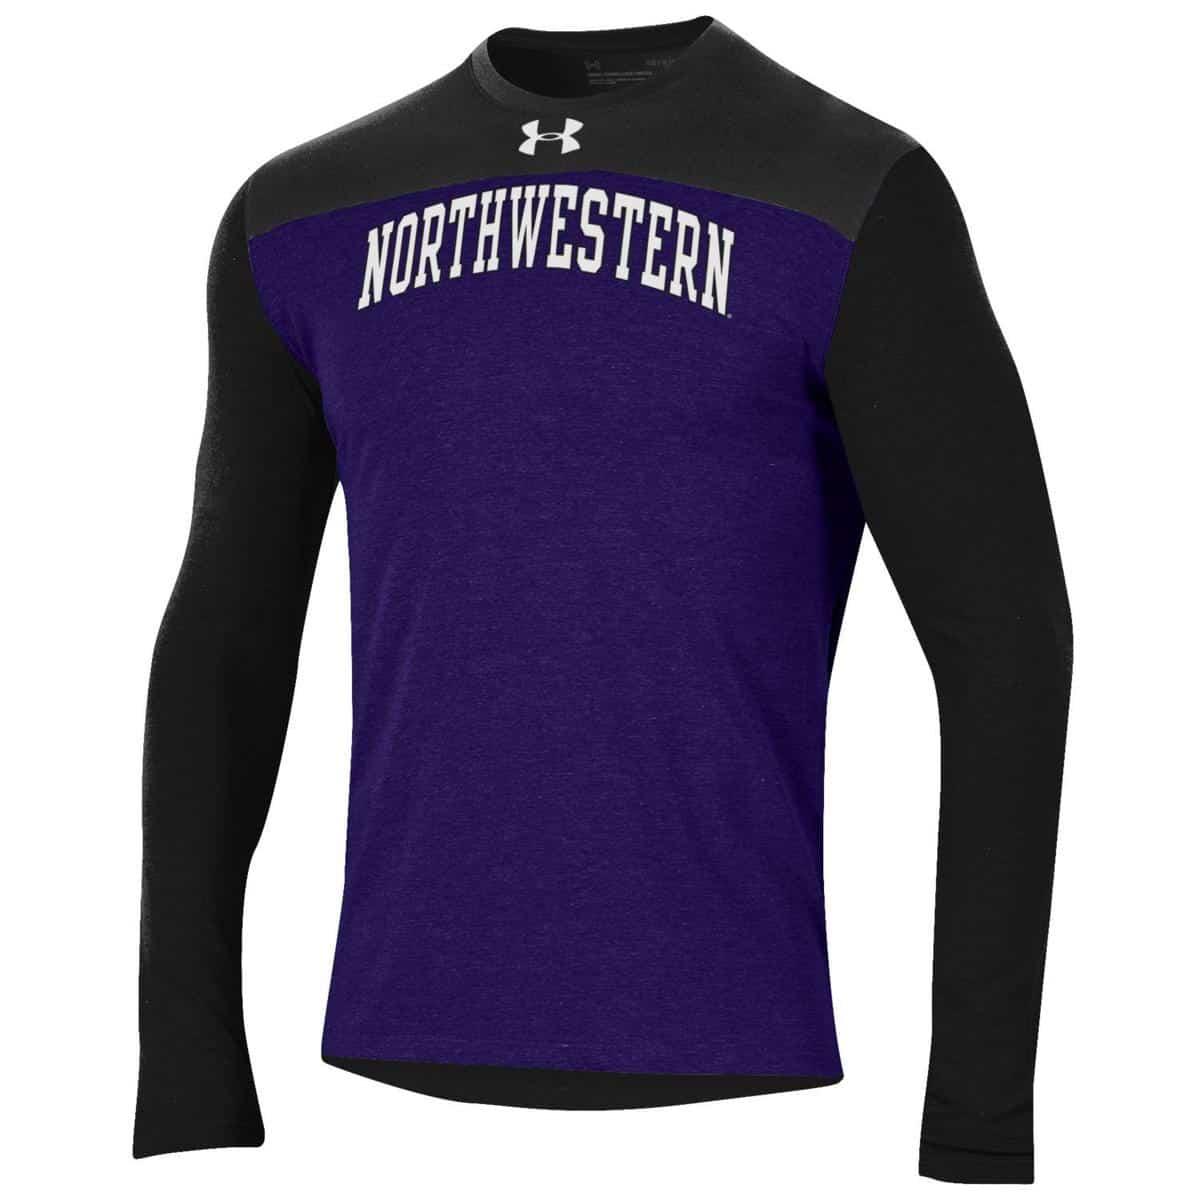 8ffa704113081 Northwestern Wildcats Men s Under Armour Freestyle Blocked Purple ...